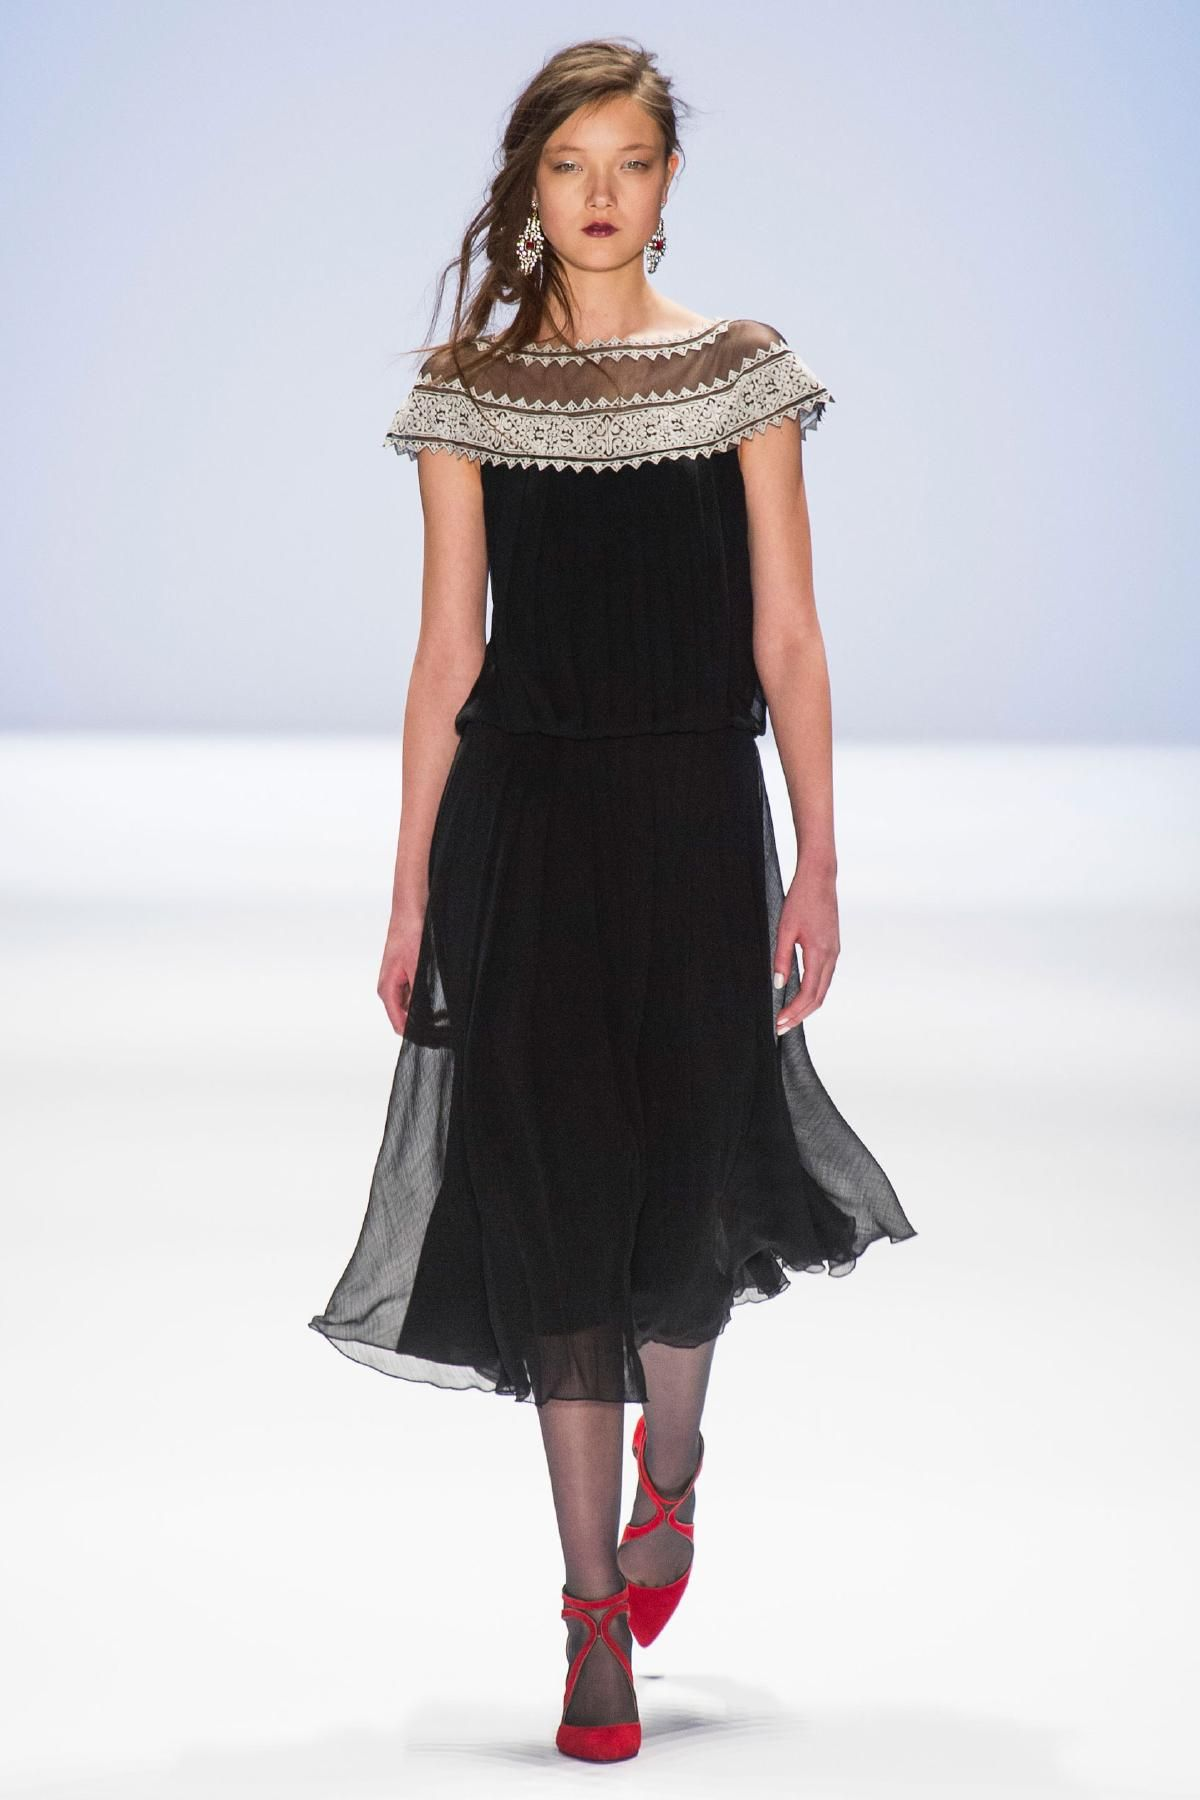 Tadashi Shoji Fall 2013 RTW Collection - Fashion on TheCut